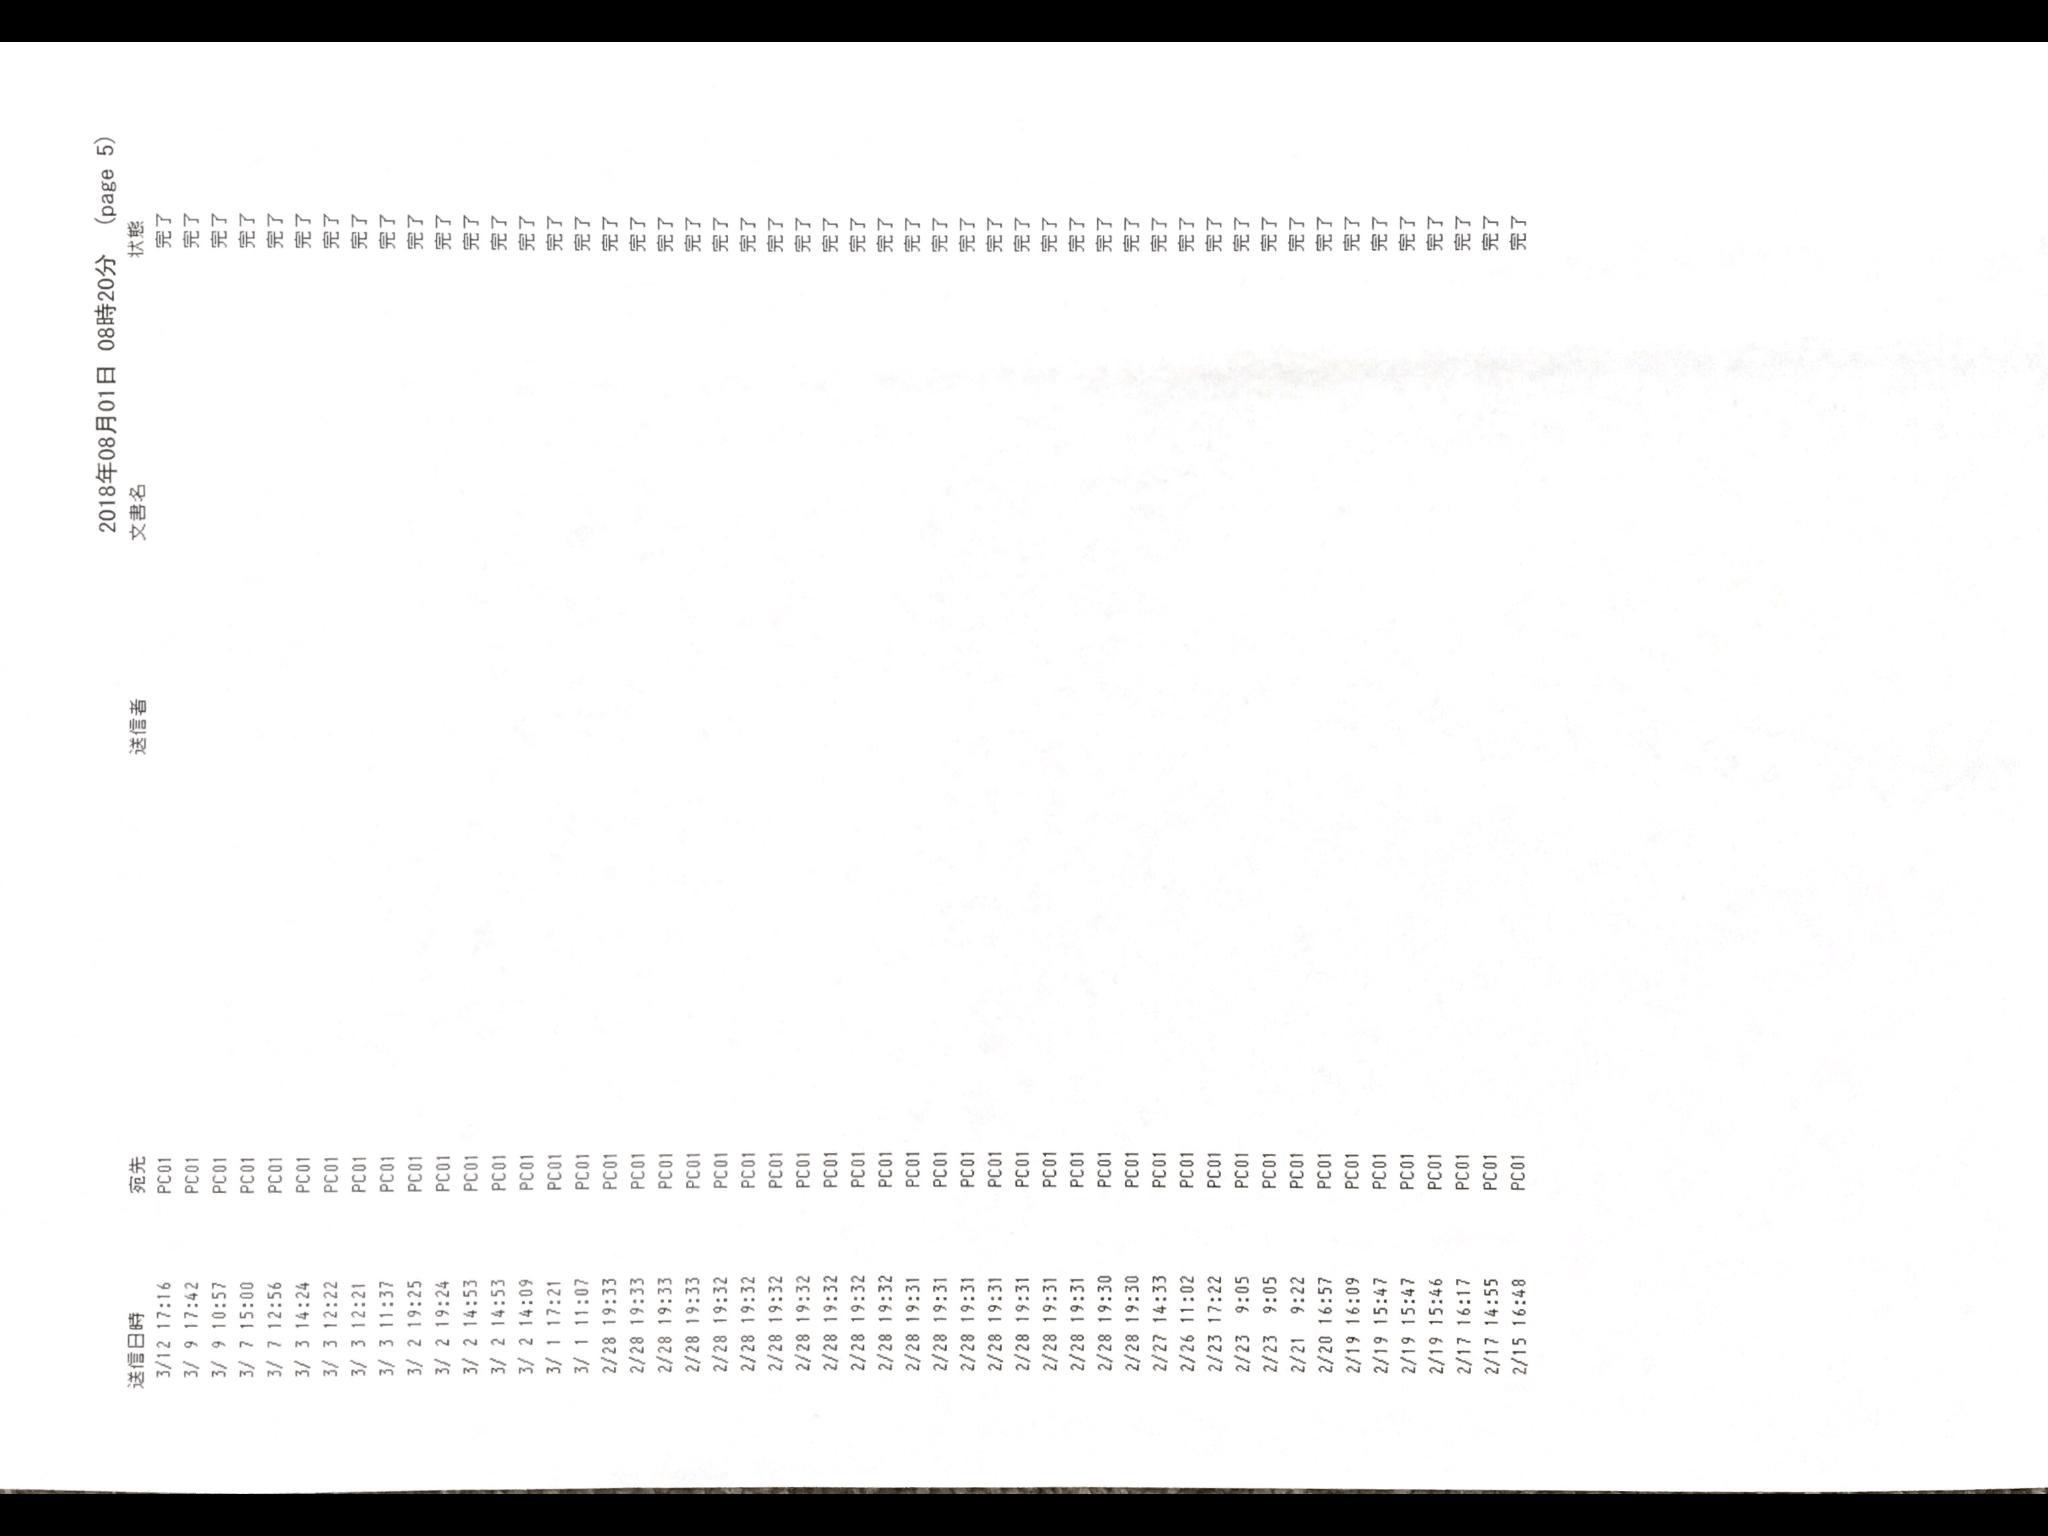 データ化された紙の画像